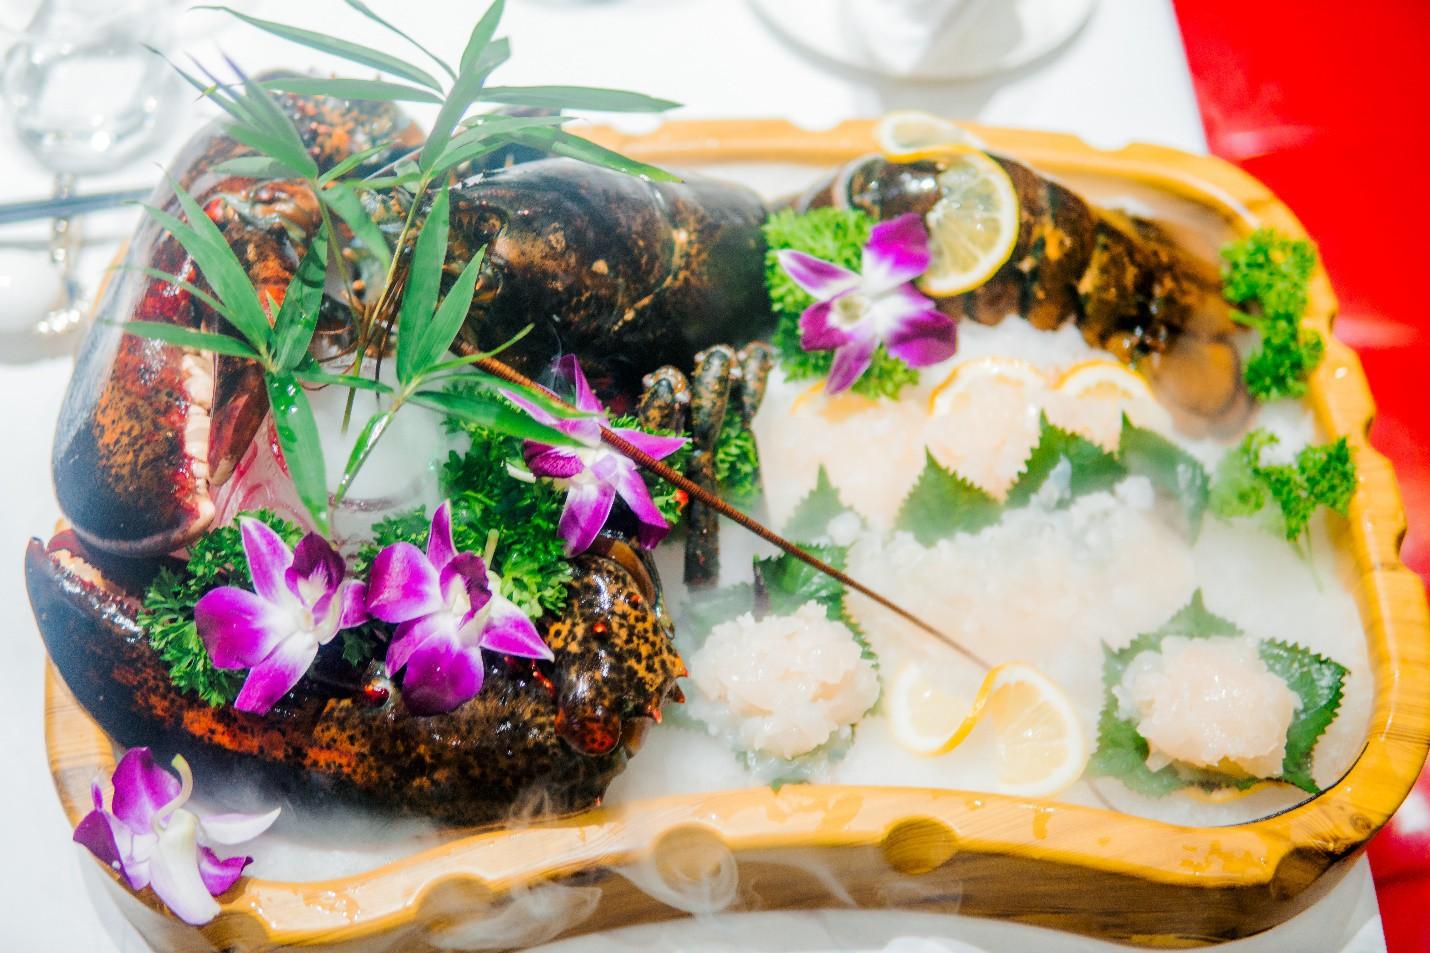 Nhà hàng Qi – Mang các món ăn Quảng Đông truyền thống đến với tương lai - Ảnh 1.